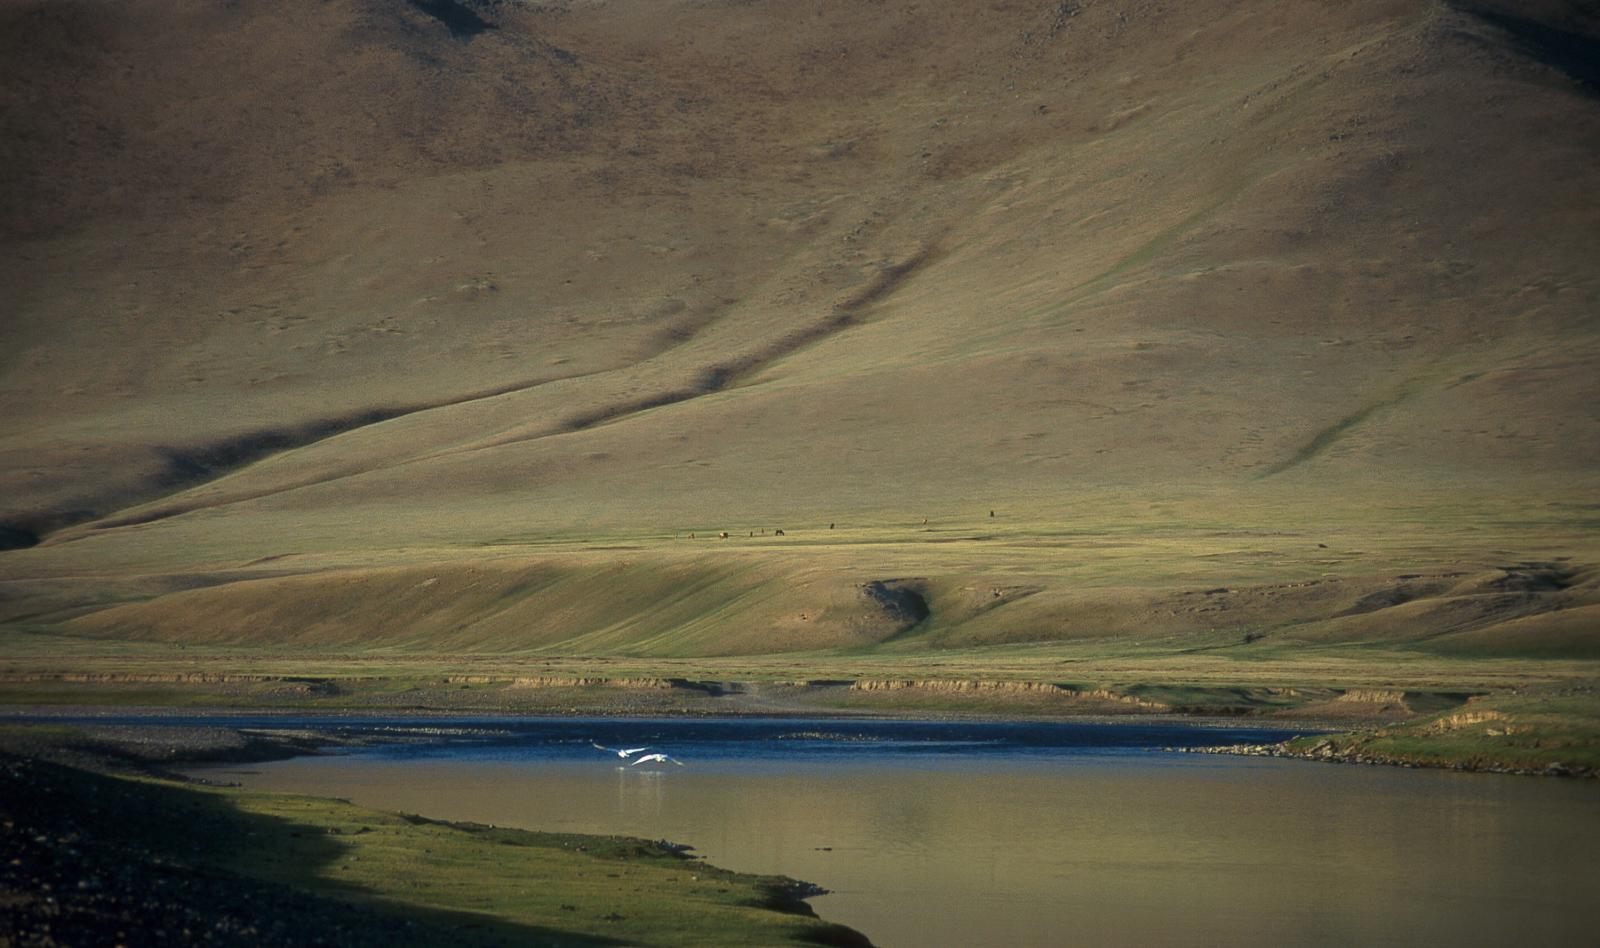 Swans over Orkhon River, Kharkhorin Mongolia